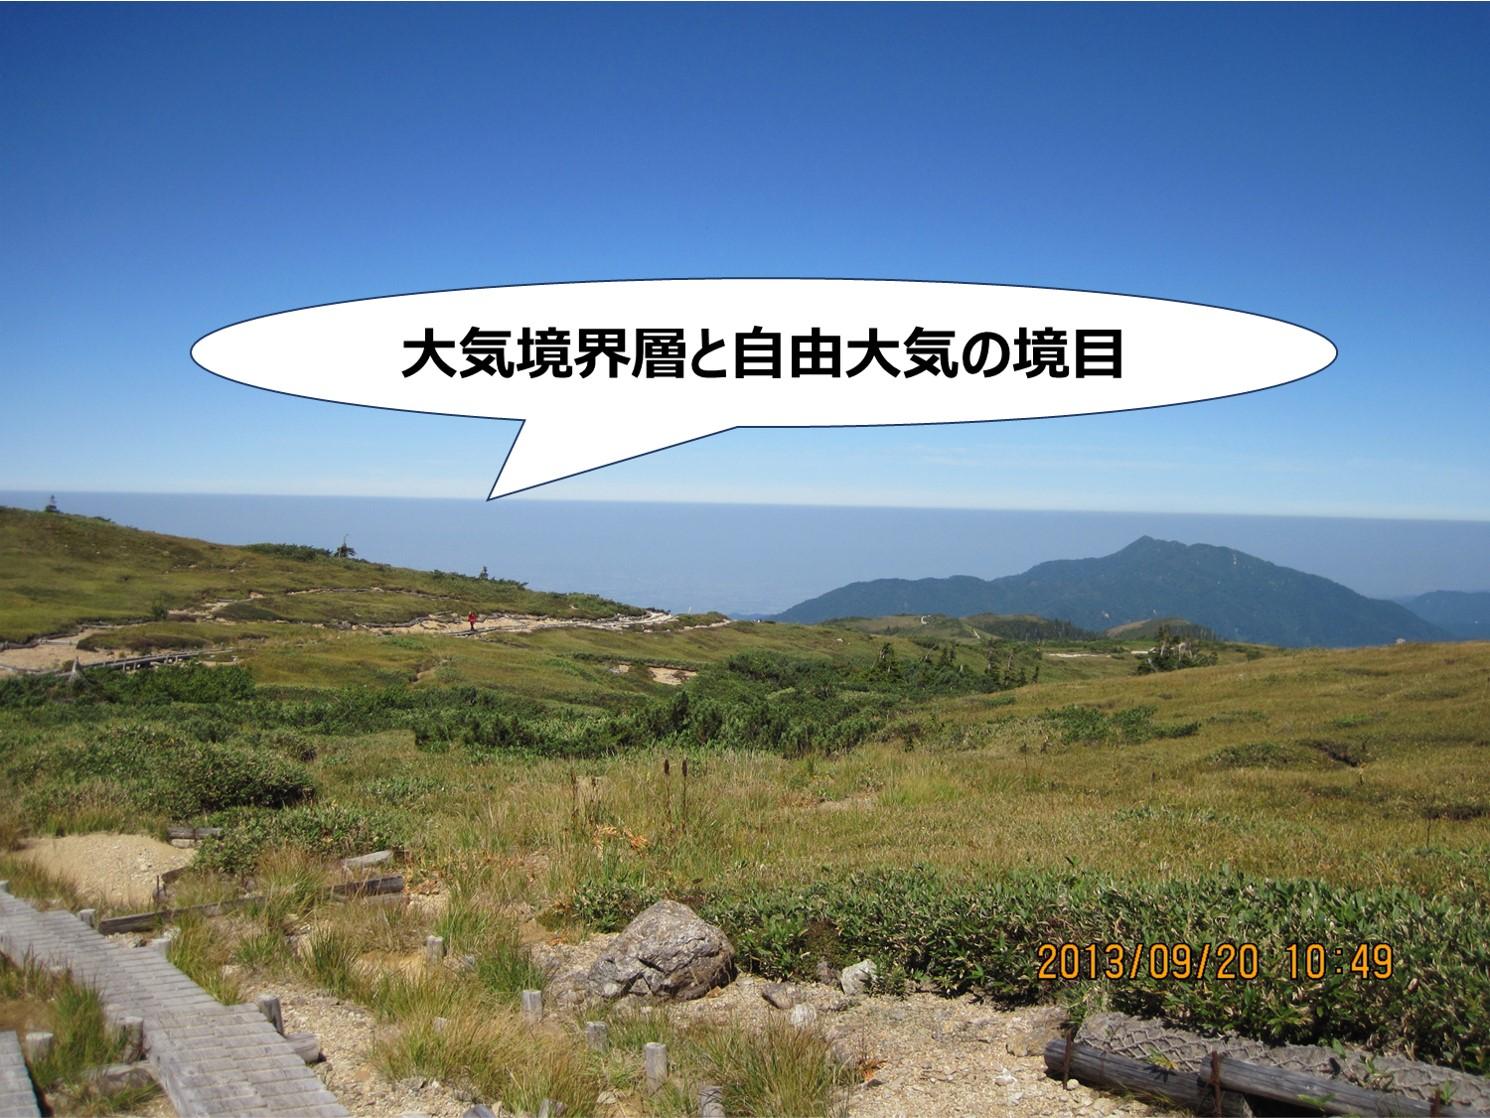 薬師岳で見た大気境界層